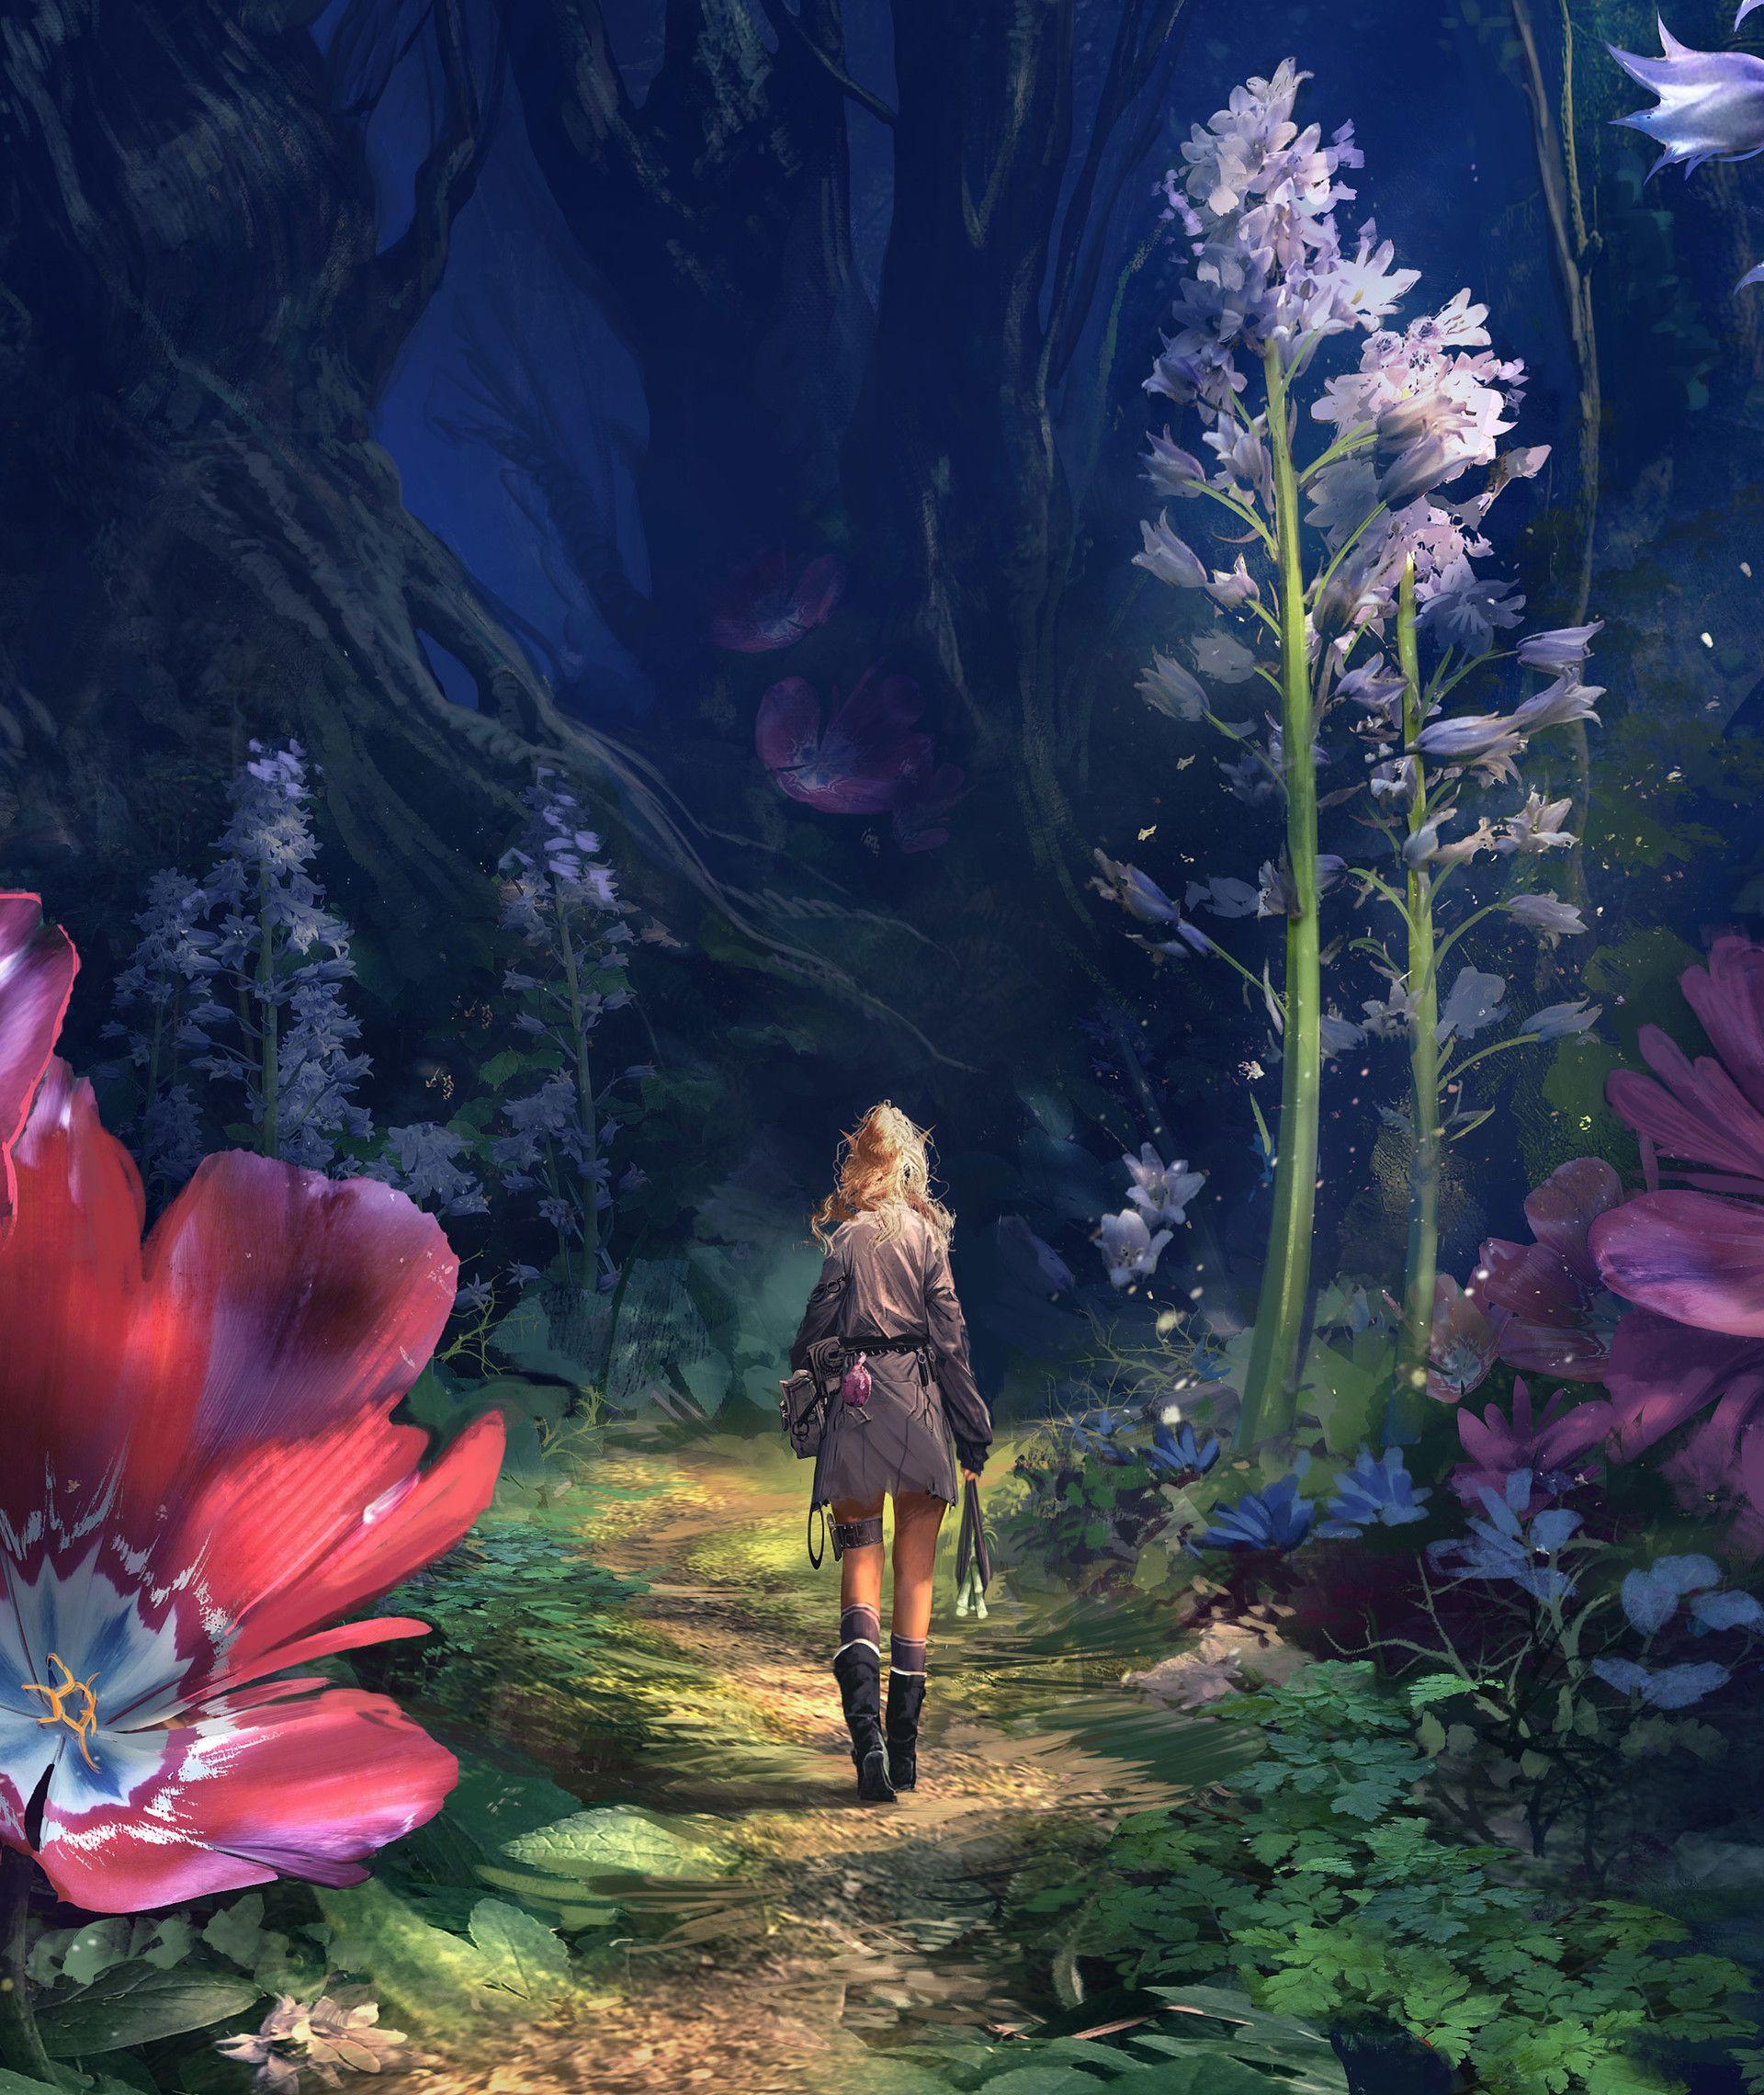 Красивые картинки фэнтези цветы